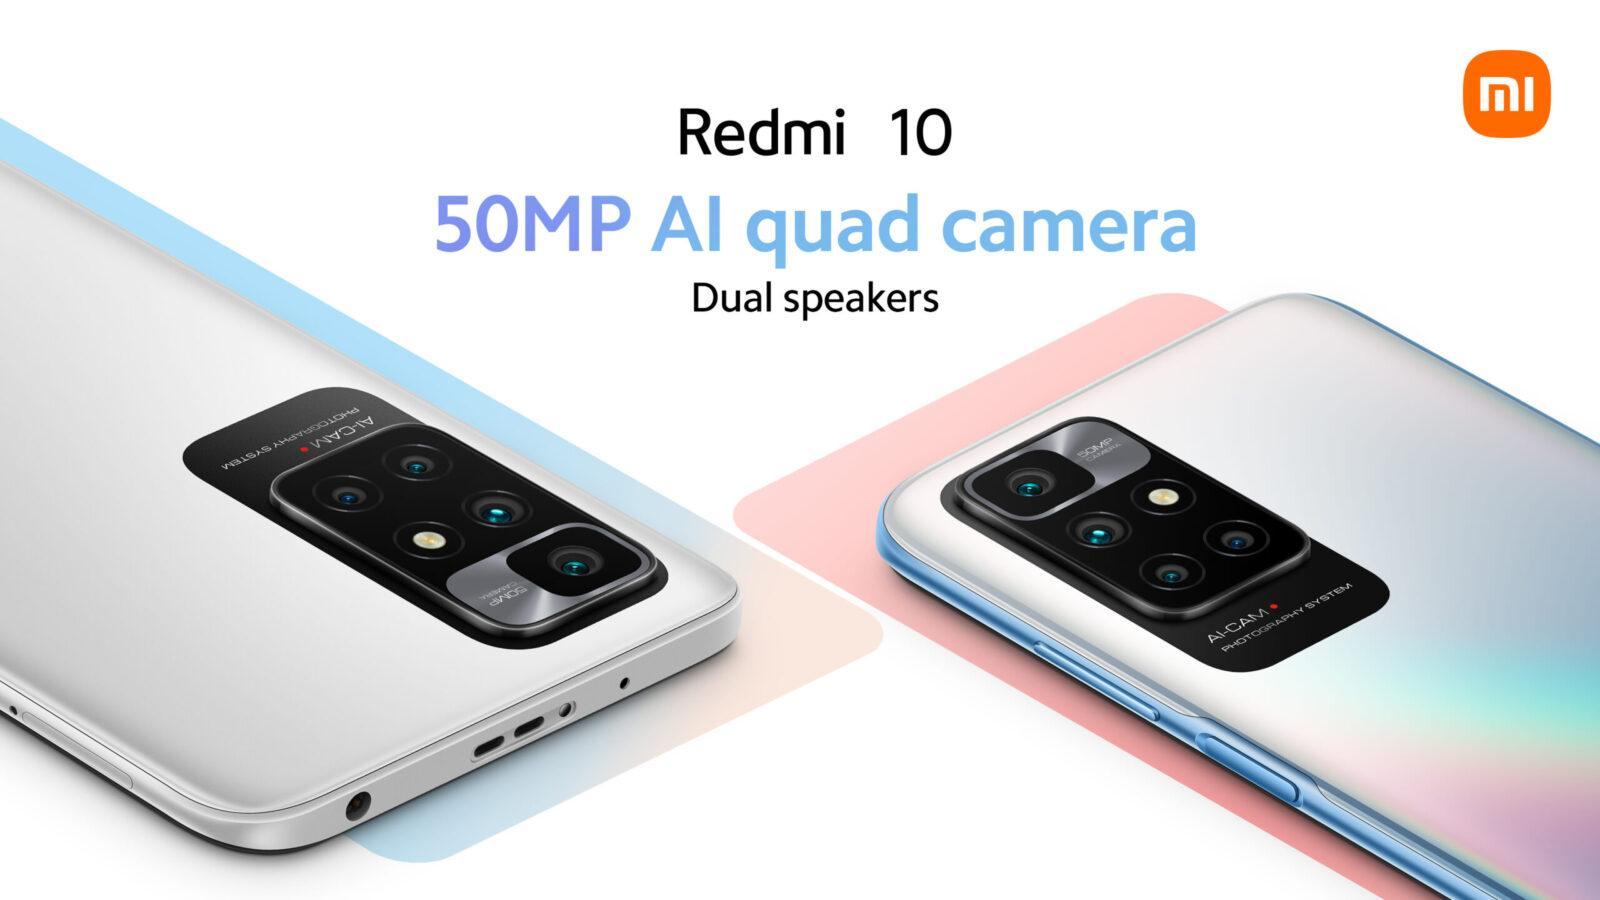 Redmi 10